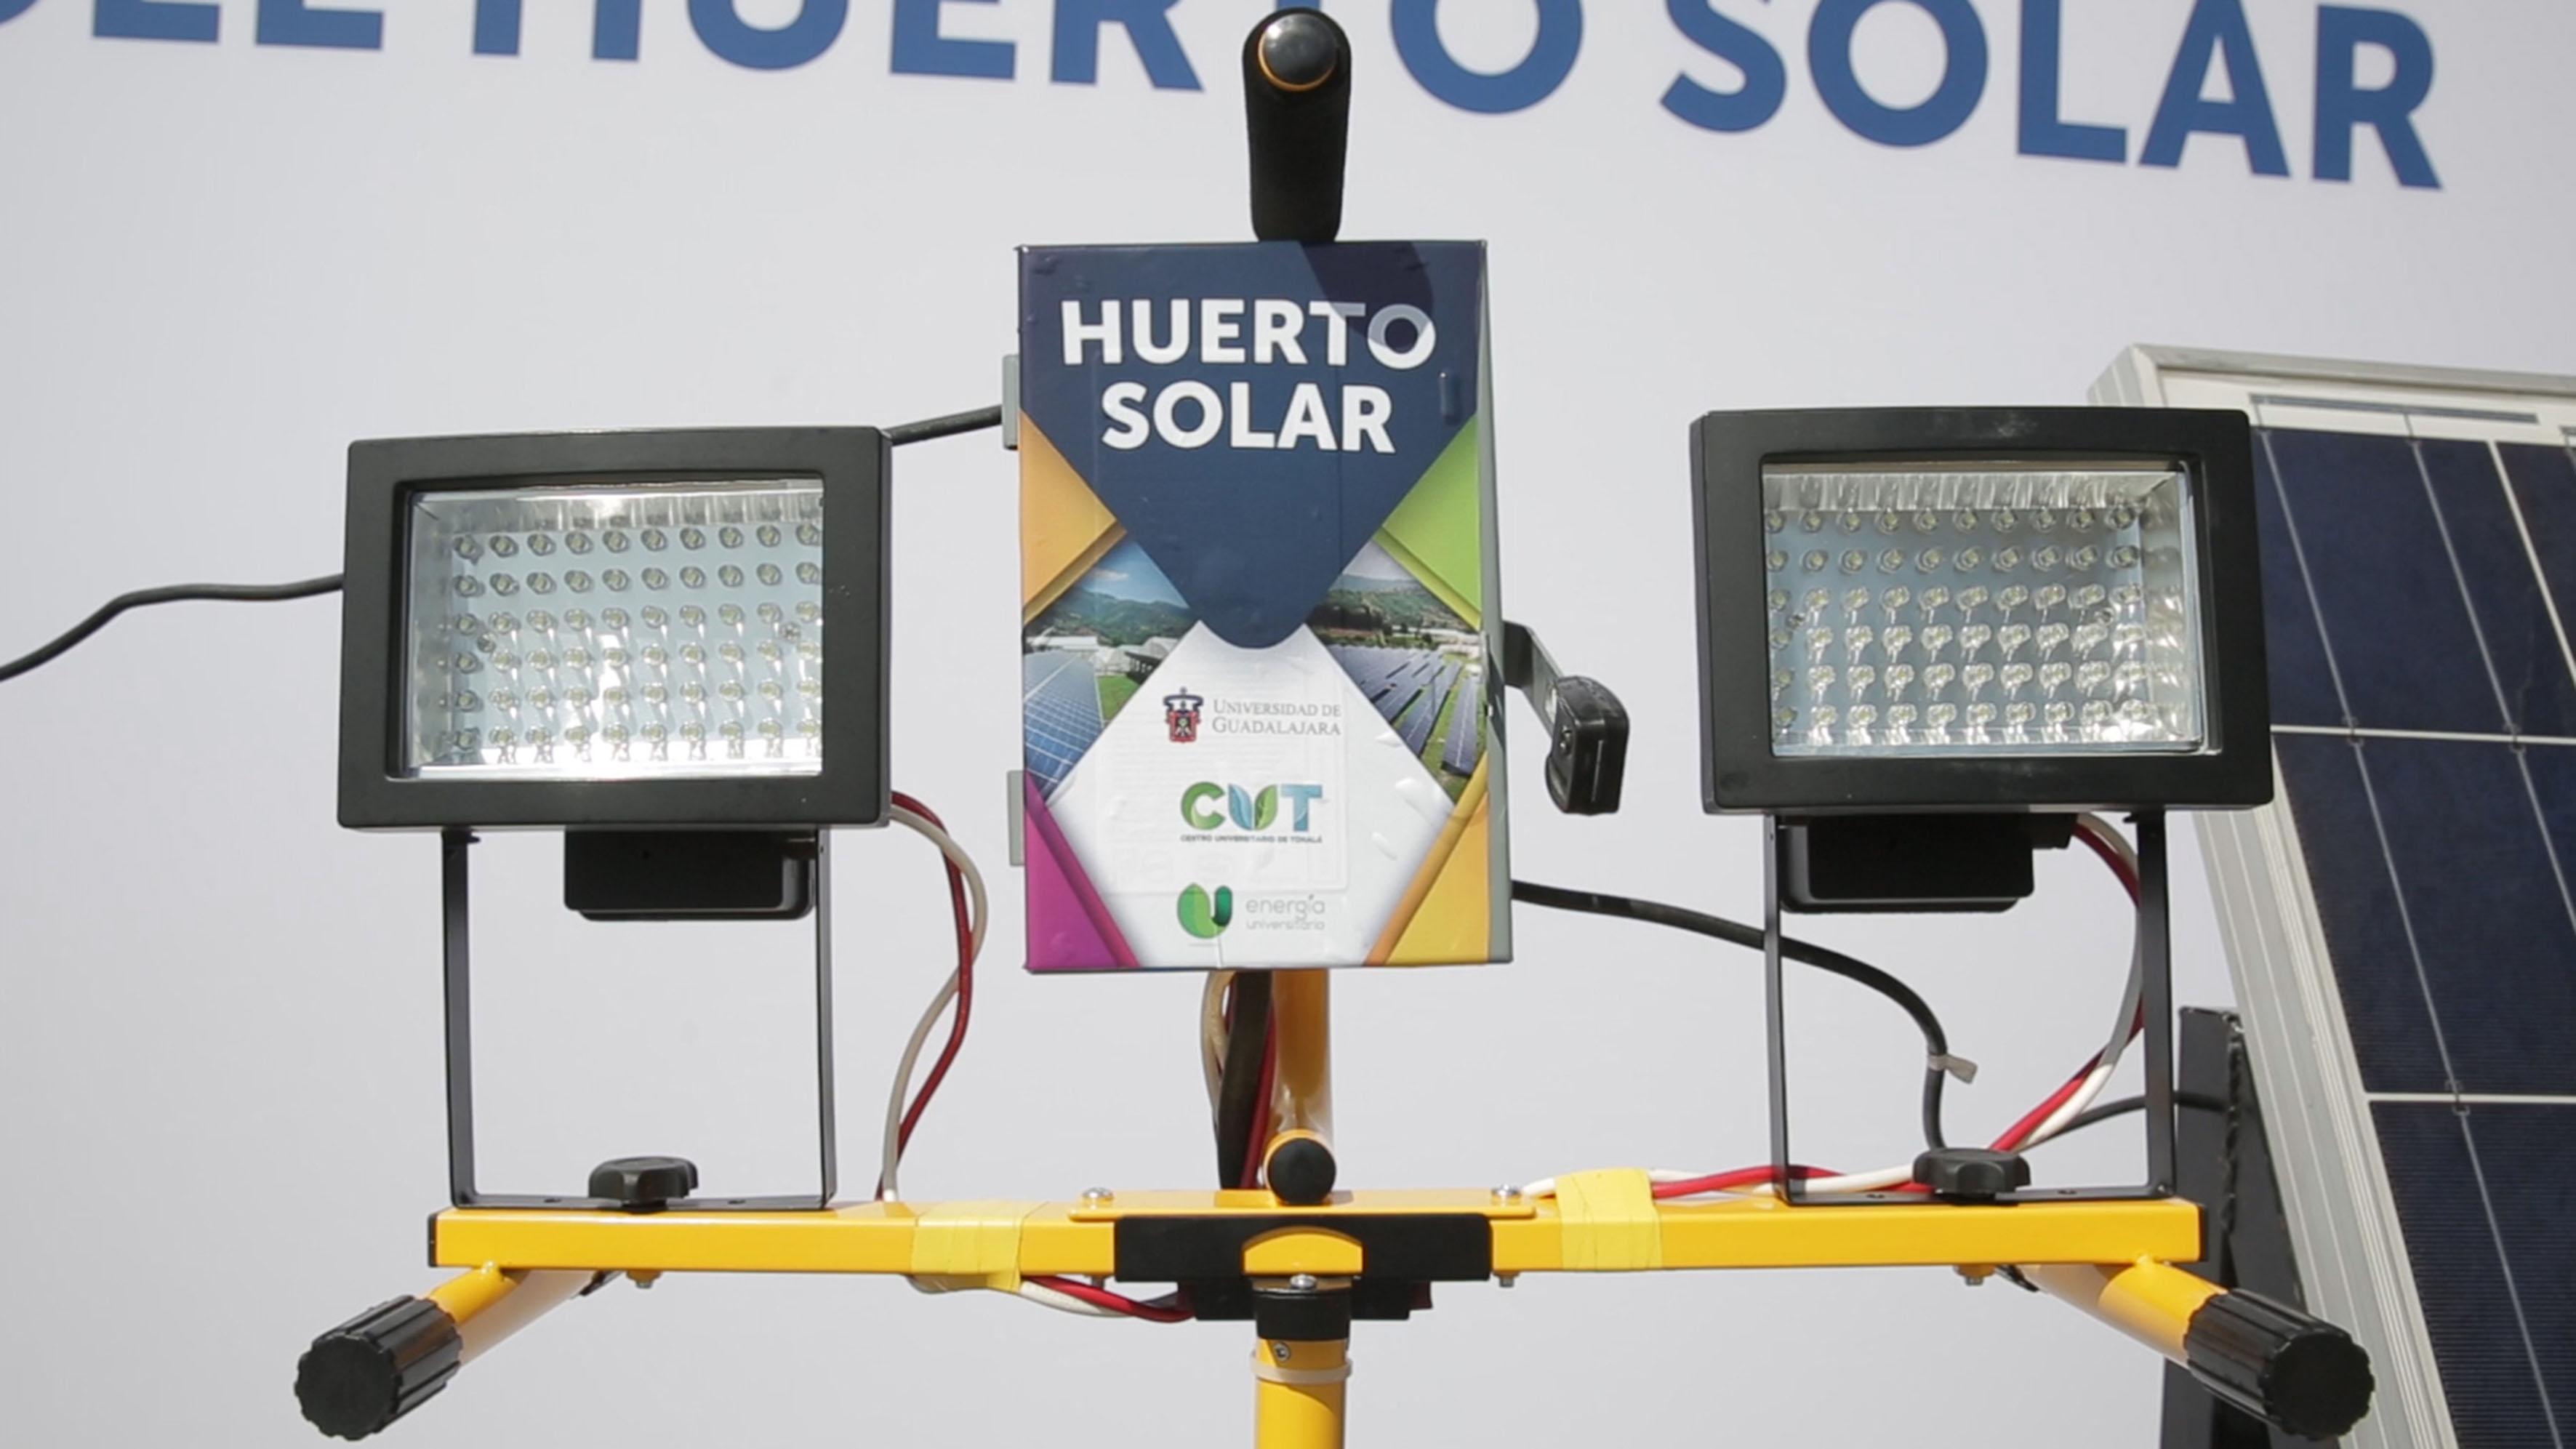 Herramienta utilizada para el funcionamiento del primer huerto solar de la Universidad de Guadalajara, en el marco del Programa Universitario Integral de Transición Energética (PUITE).